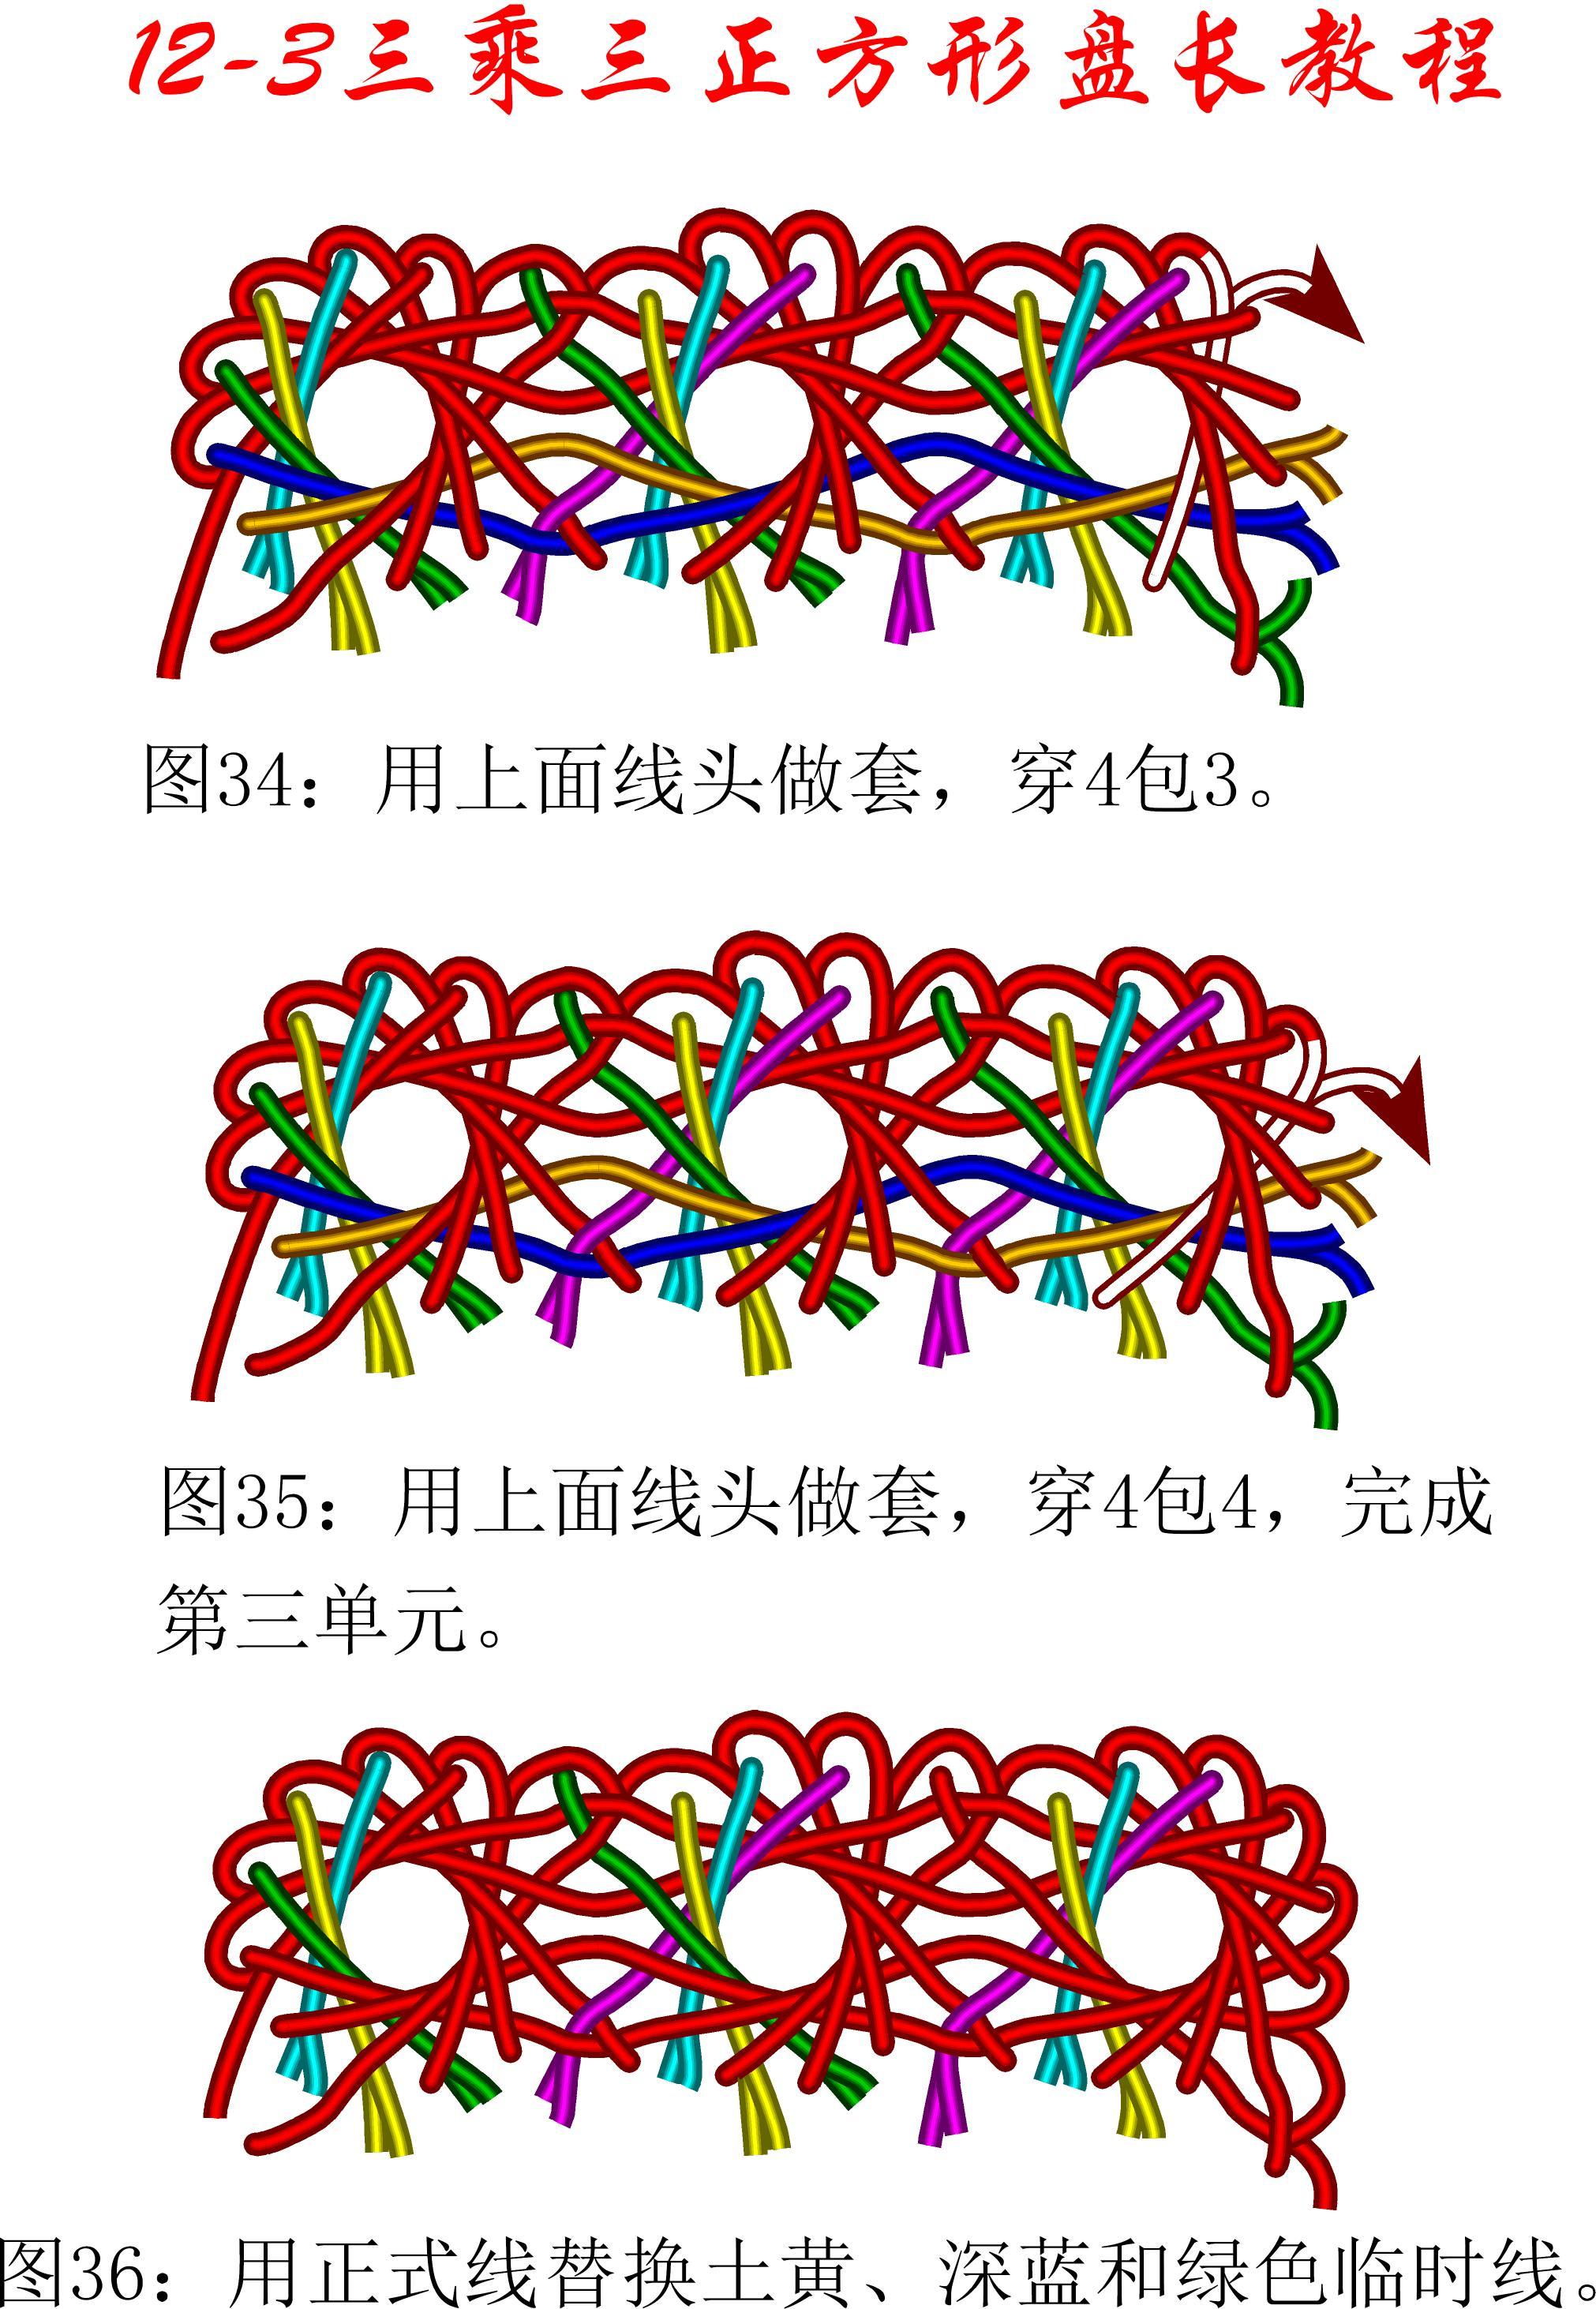 中国结论坛 12-3盘长平行扩展方法---3乘3方形盘长 方形,方形脸怎么办 丑丑徒手编结 093109m5o8ljwtlbvjvssk